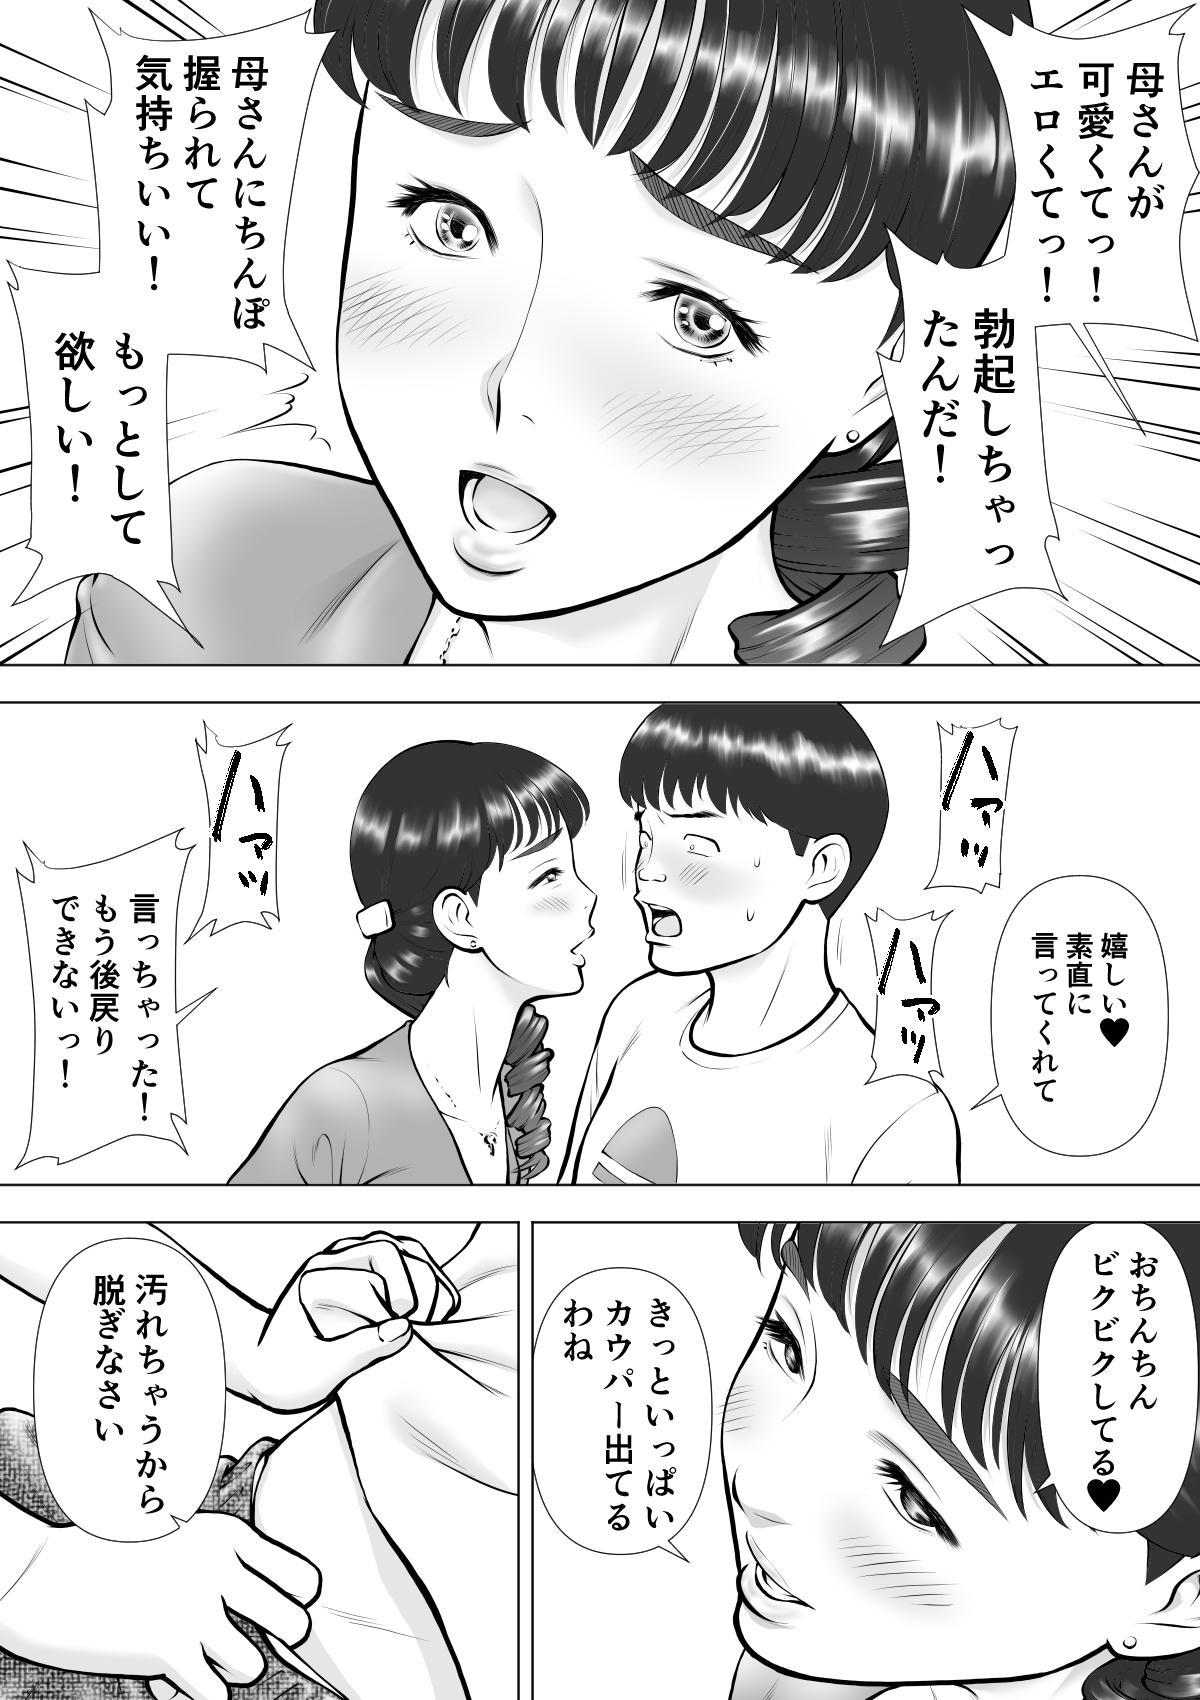 Haha no Kuchibiru kara Koboreru Boku no Seieki 7